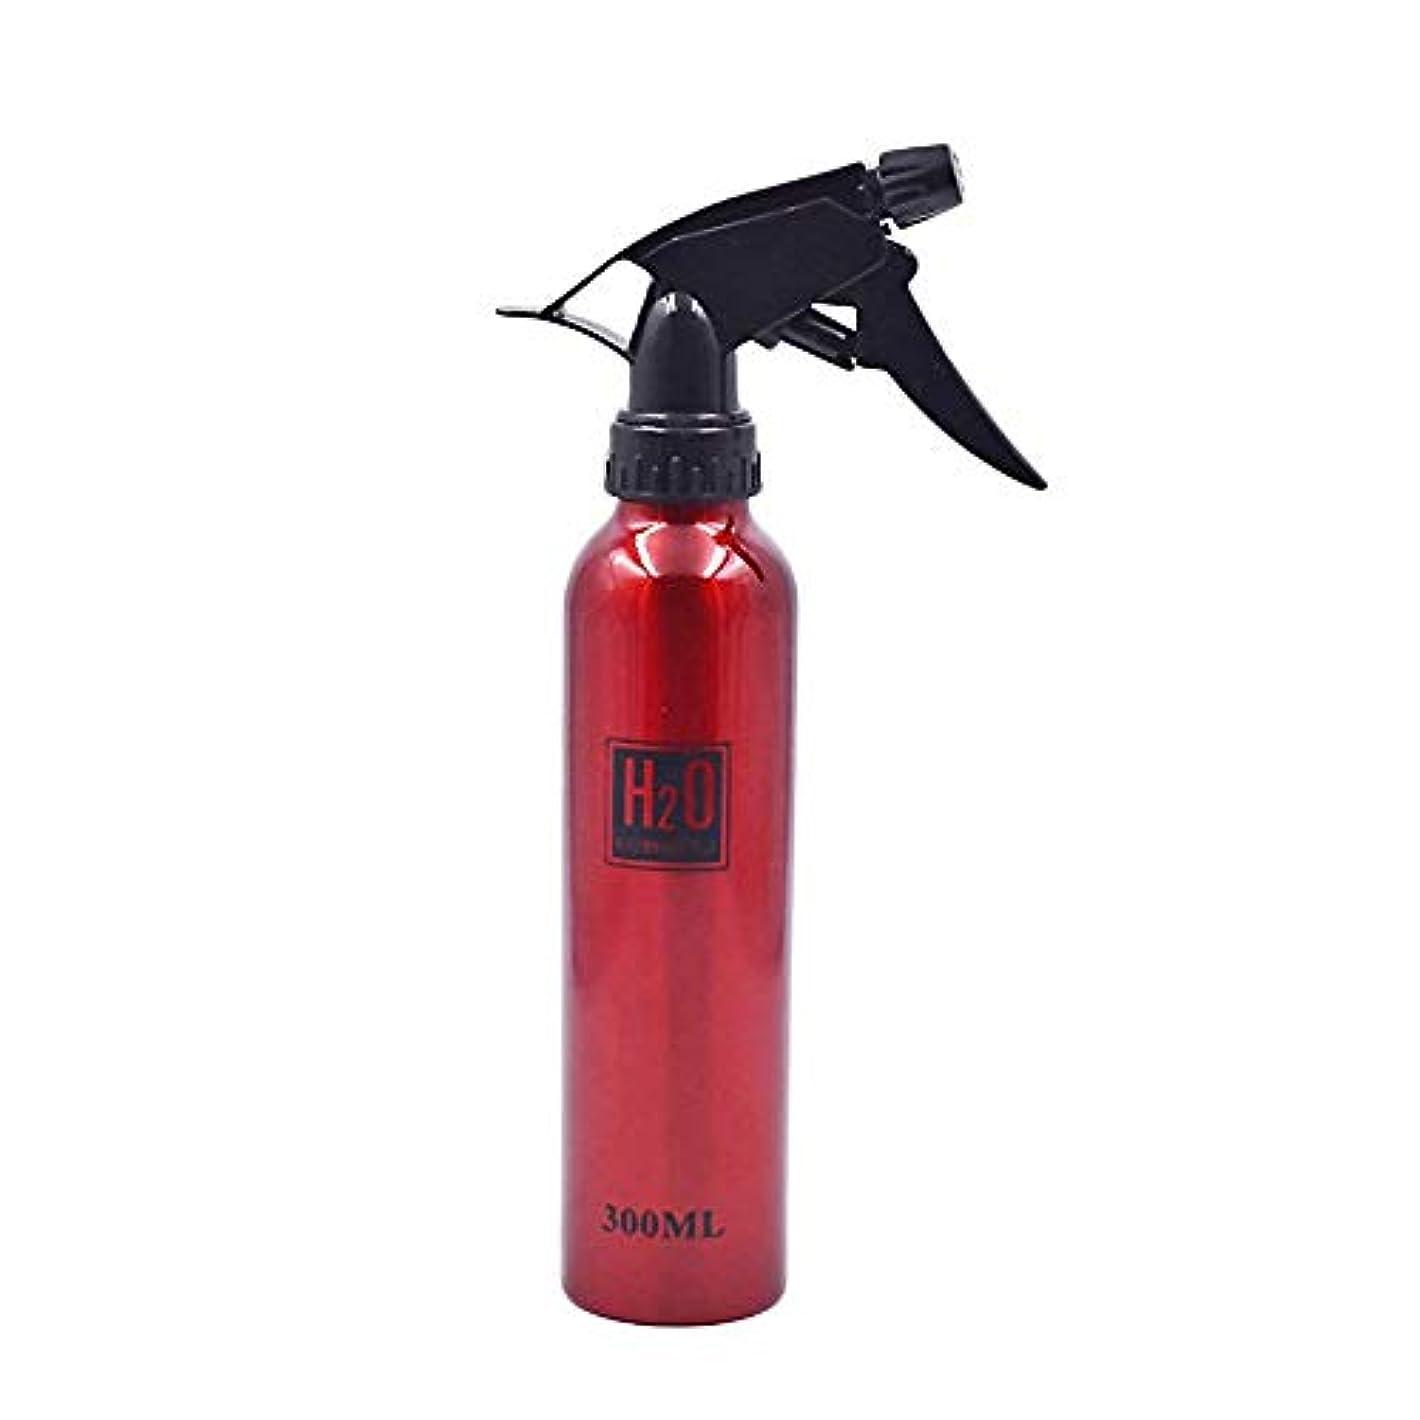 答え明らかに神学校Onior 実用 アルミニウム 噴霧瓶 ネブライザー 化粧品 水 サロンヘア 洗剤使用 1枚 (赤 300ml)